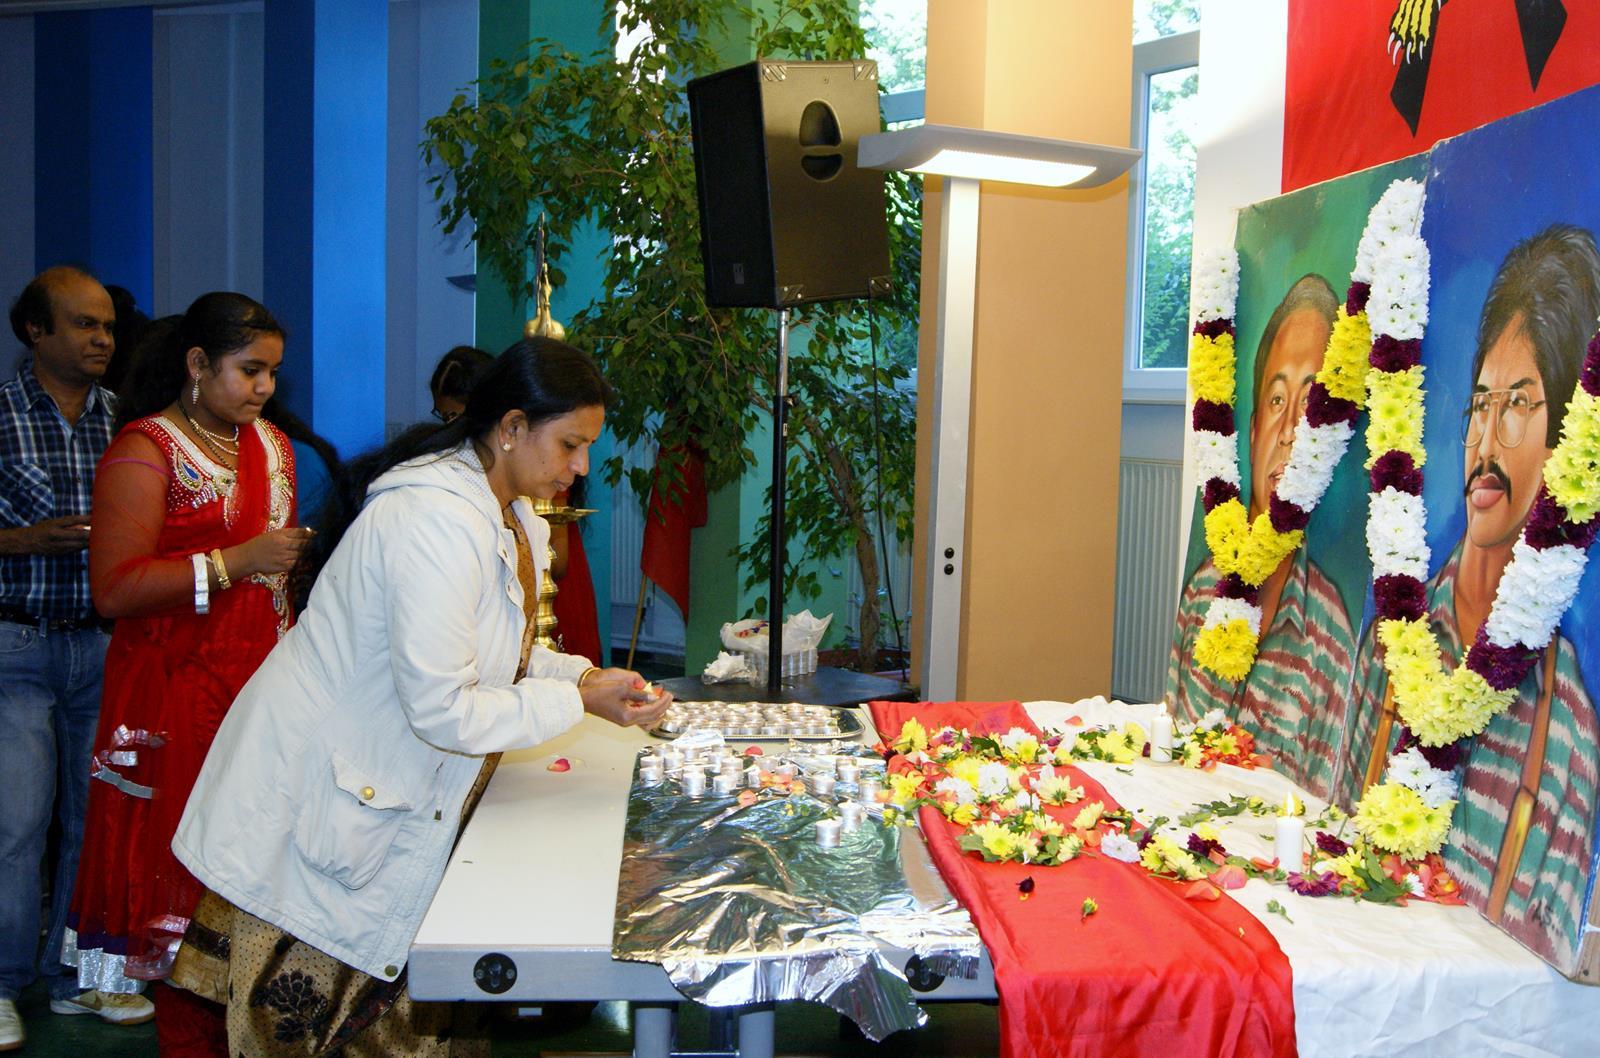 தியாக தீபம் திலீபன் மற்றும் கேணல் சங்கர் ஆகியோர் நினைவு எசன் நகரில் நினைவுகூரப்பட்டது essen1